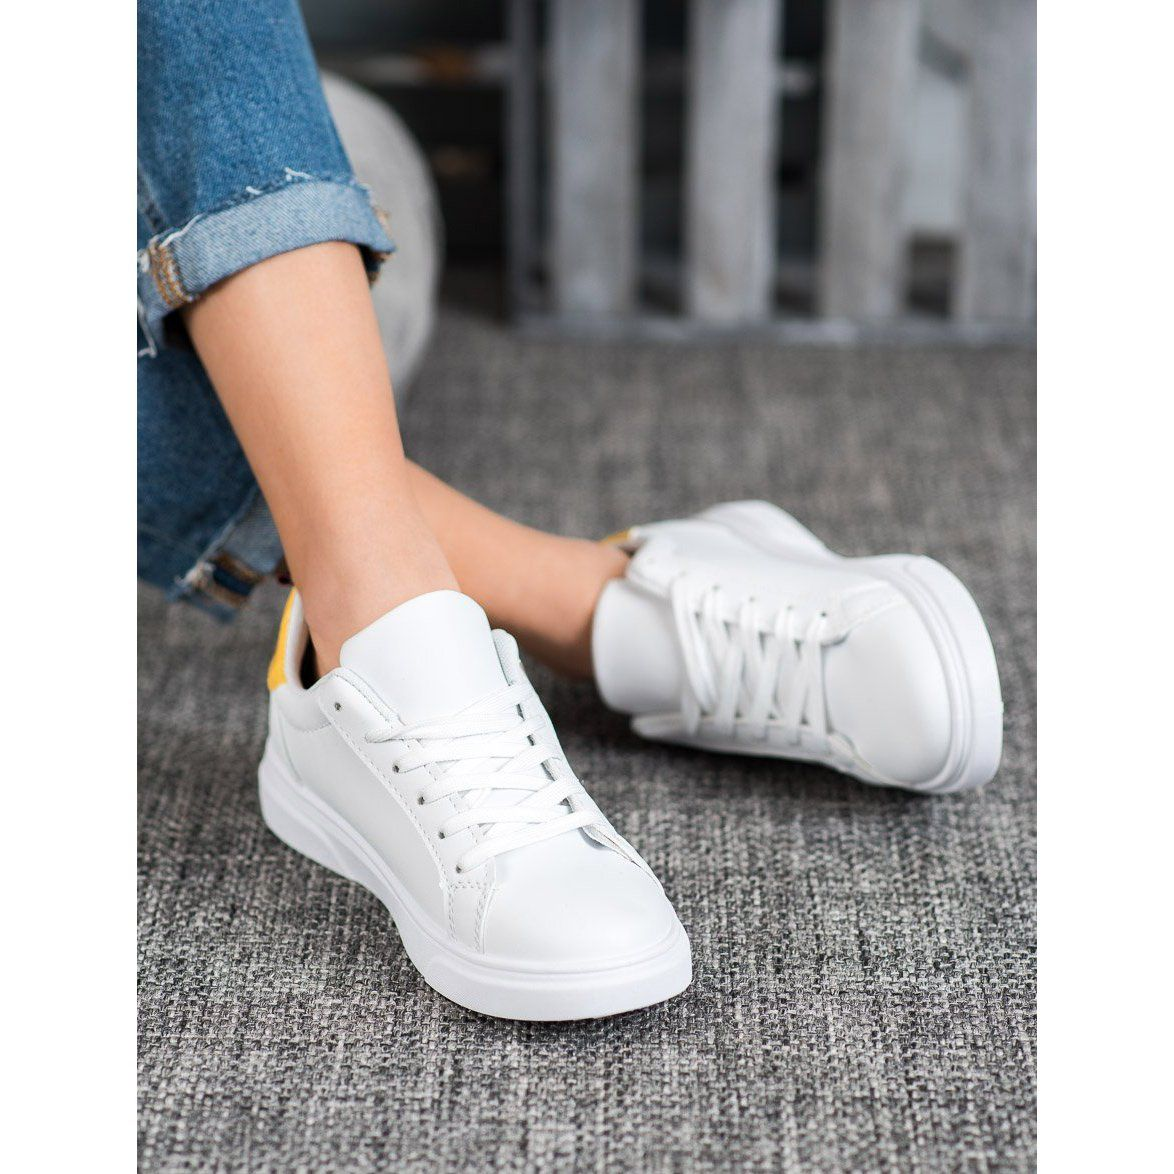 Shelovet Sportowe Buty Z Ozdobnym Suwakiem Biale Adidas Stan Smith Adidas Sneakers Sneakers